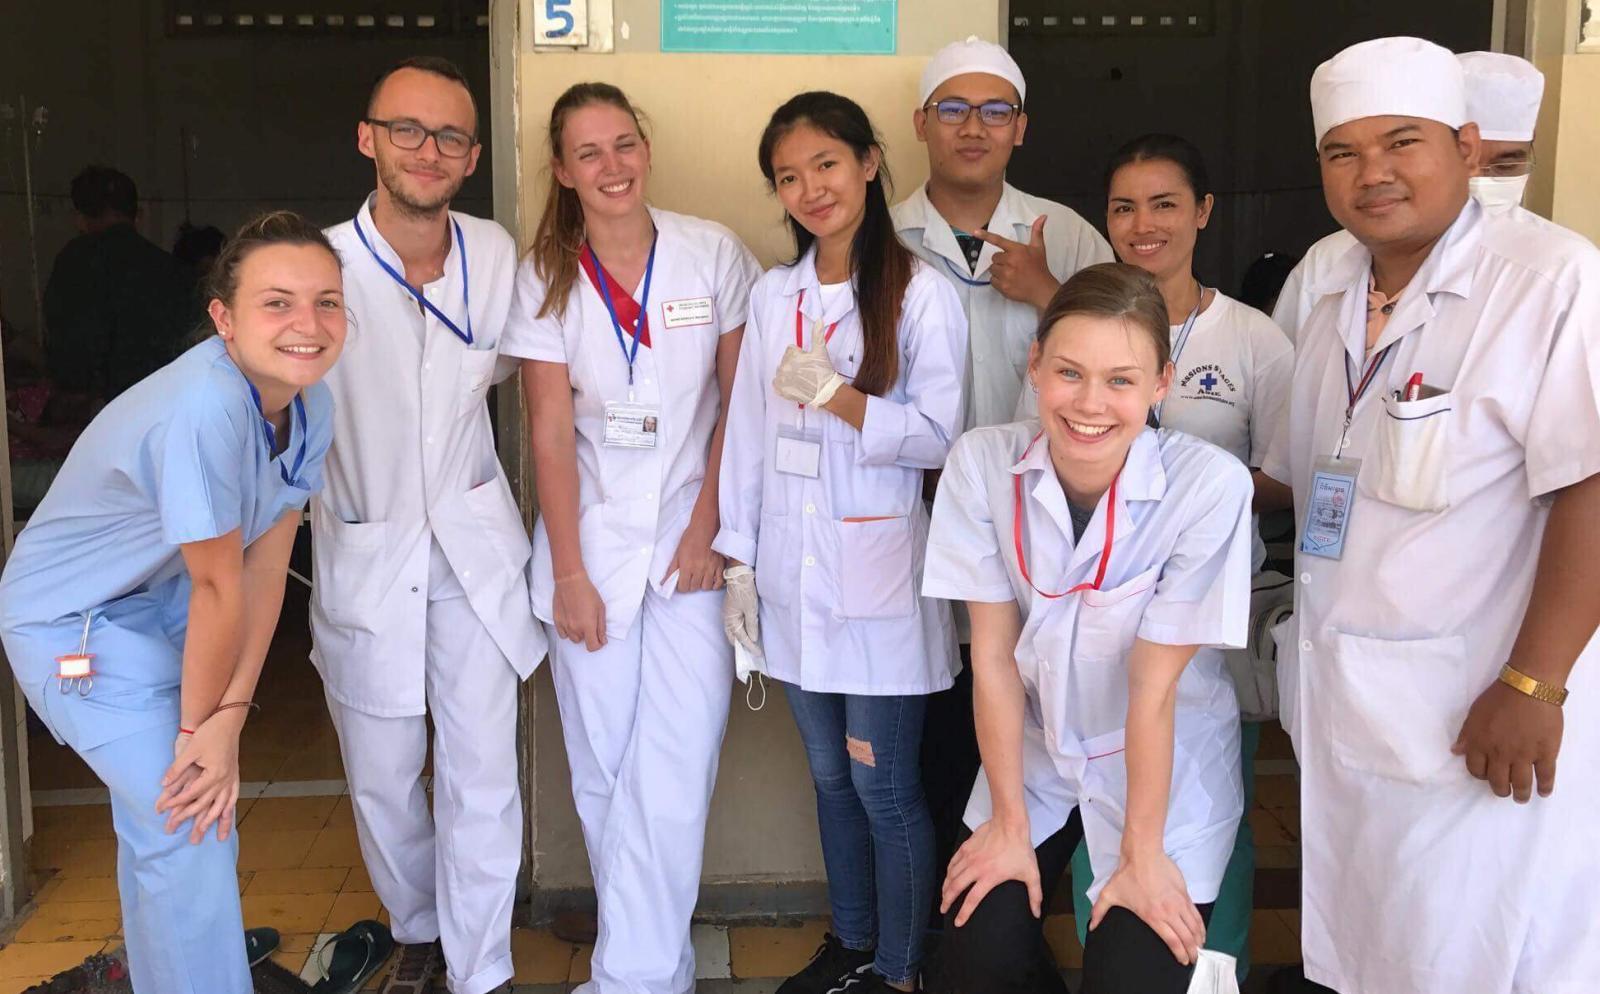 発展途上国で活動中の医療インターンの仲間たち